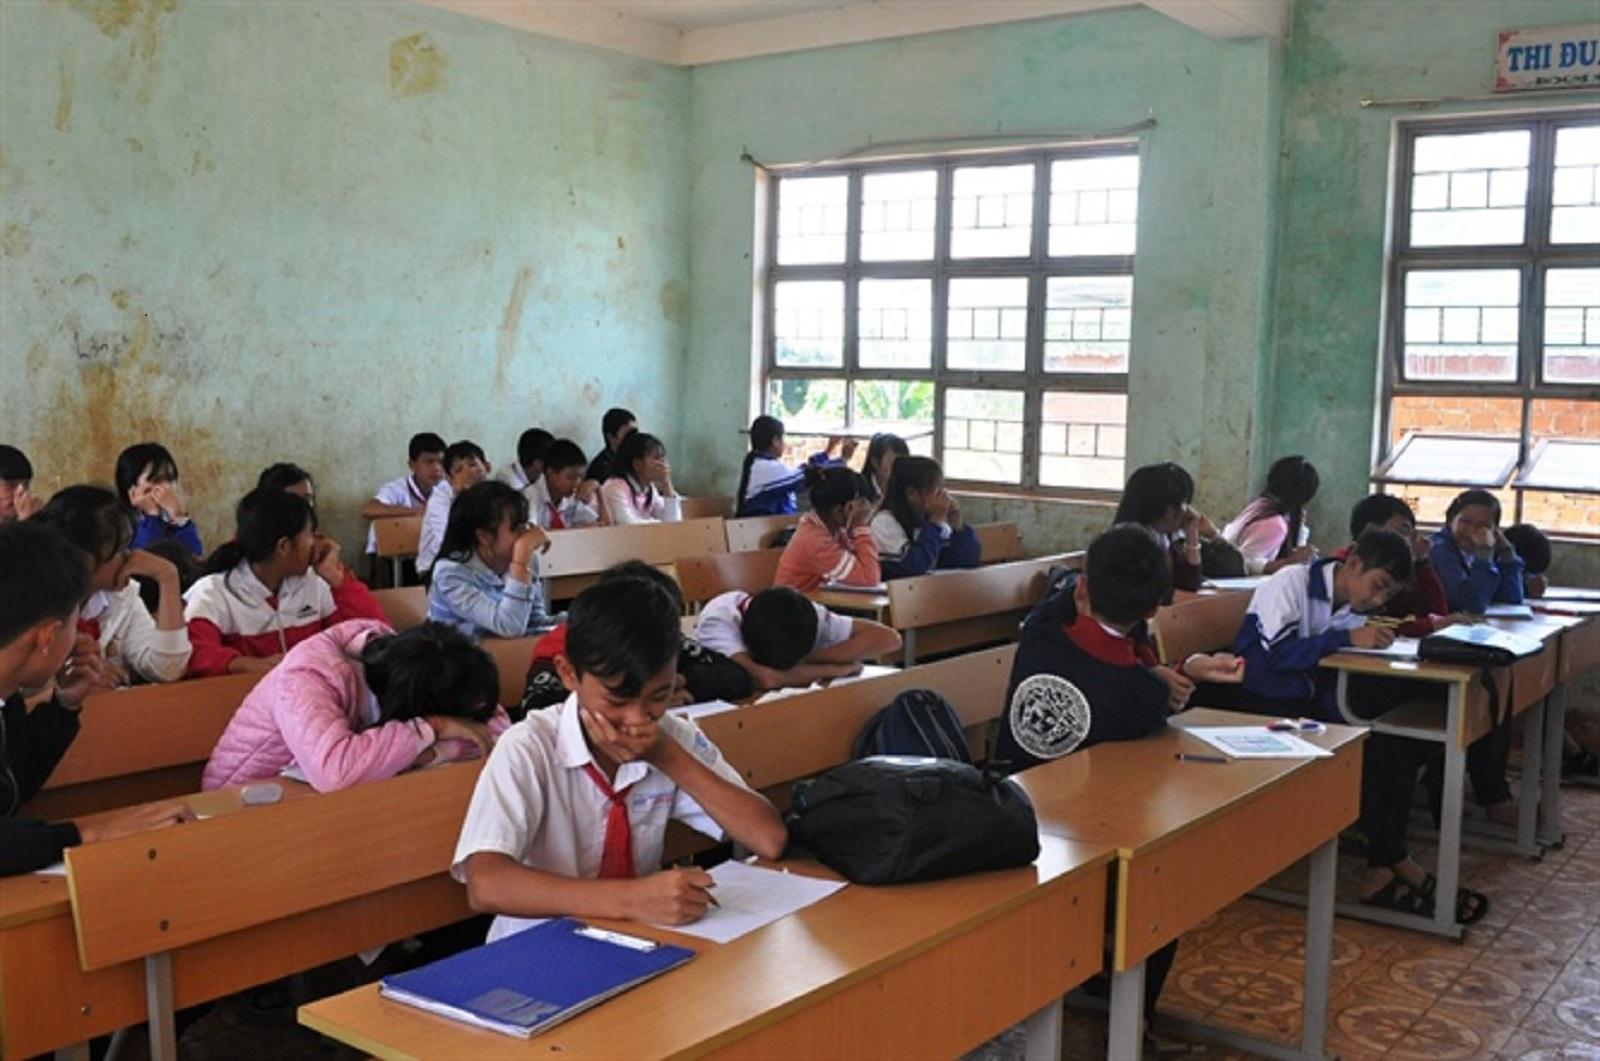 Gia Lai: 400 em học sinh hằng ngày phải bịt mũi ngồi học vì mùi hôi thối bốc lên nồng nặc